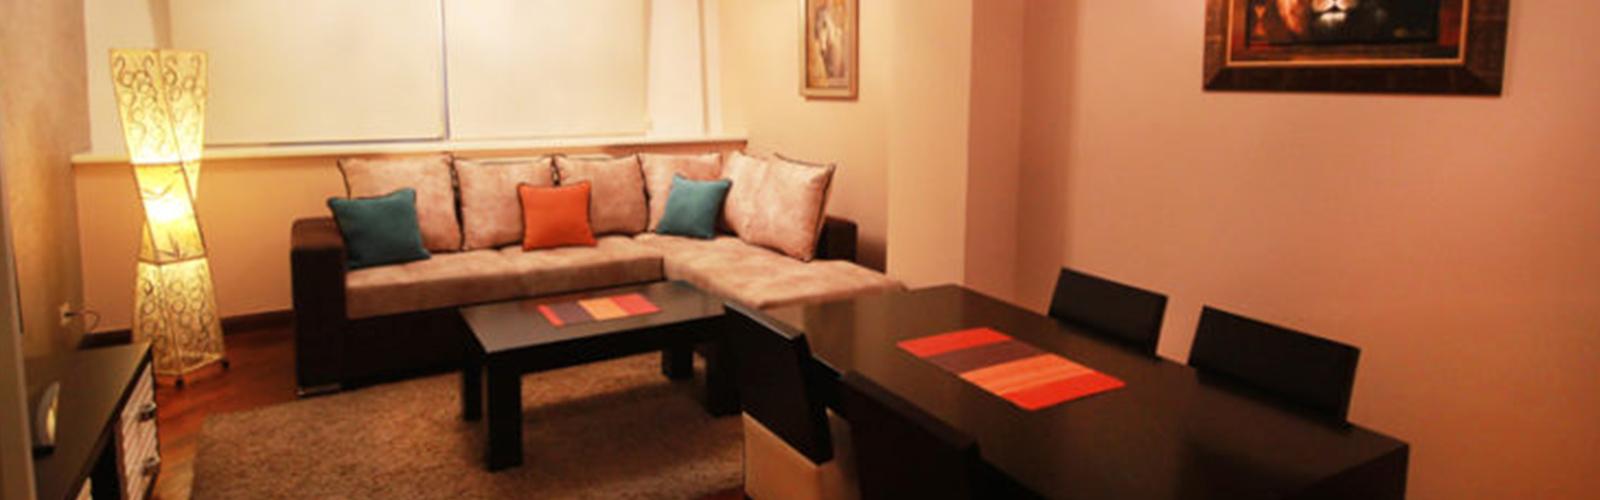 Concierge Belgrade   Apartman Delta Top 34